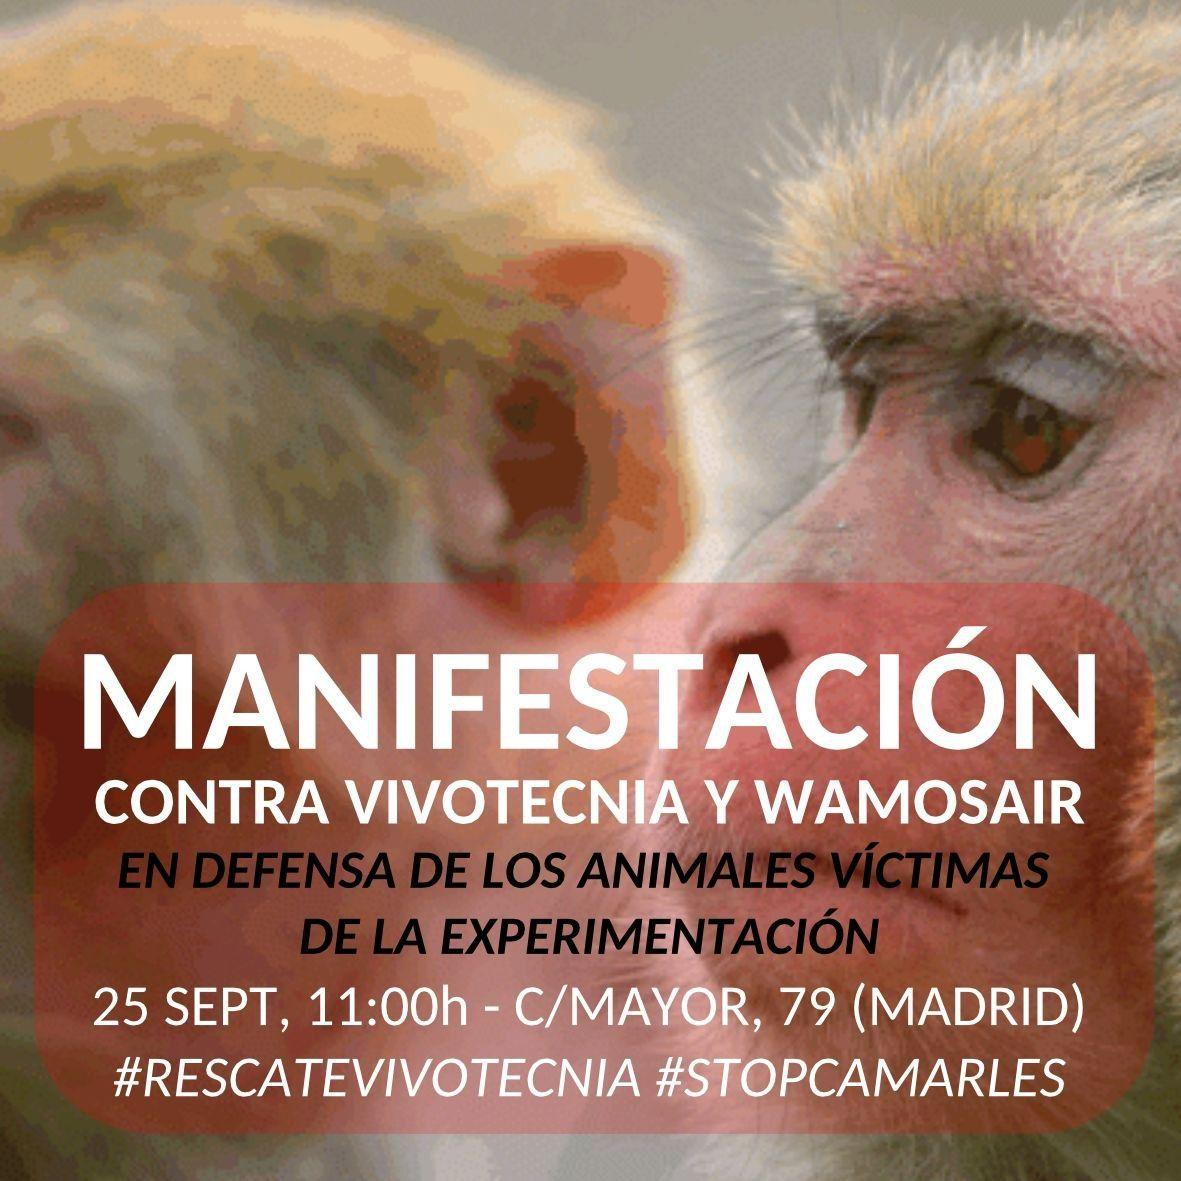 Manifestación contra Vivotecnia